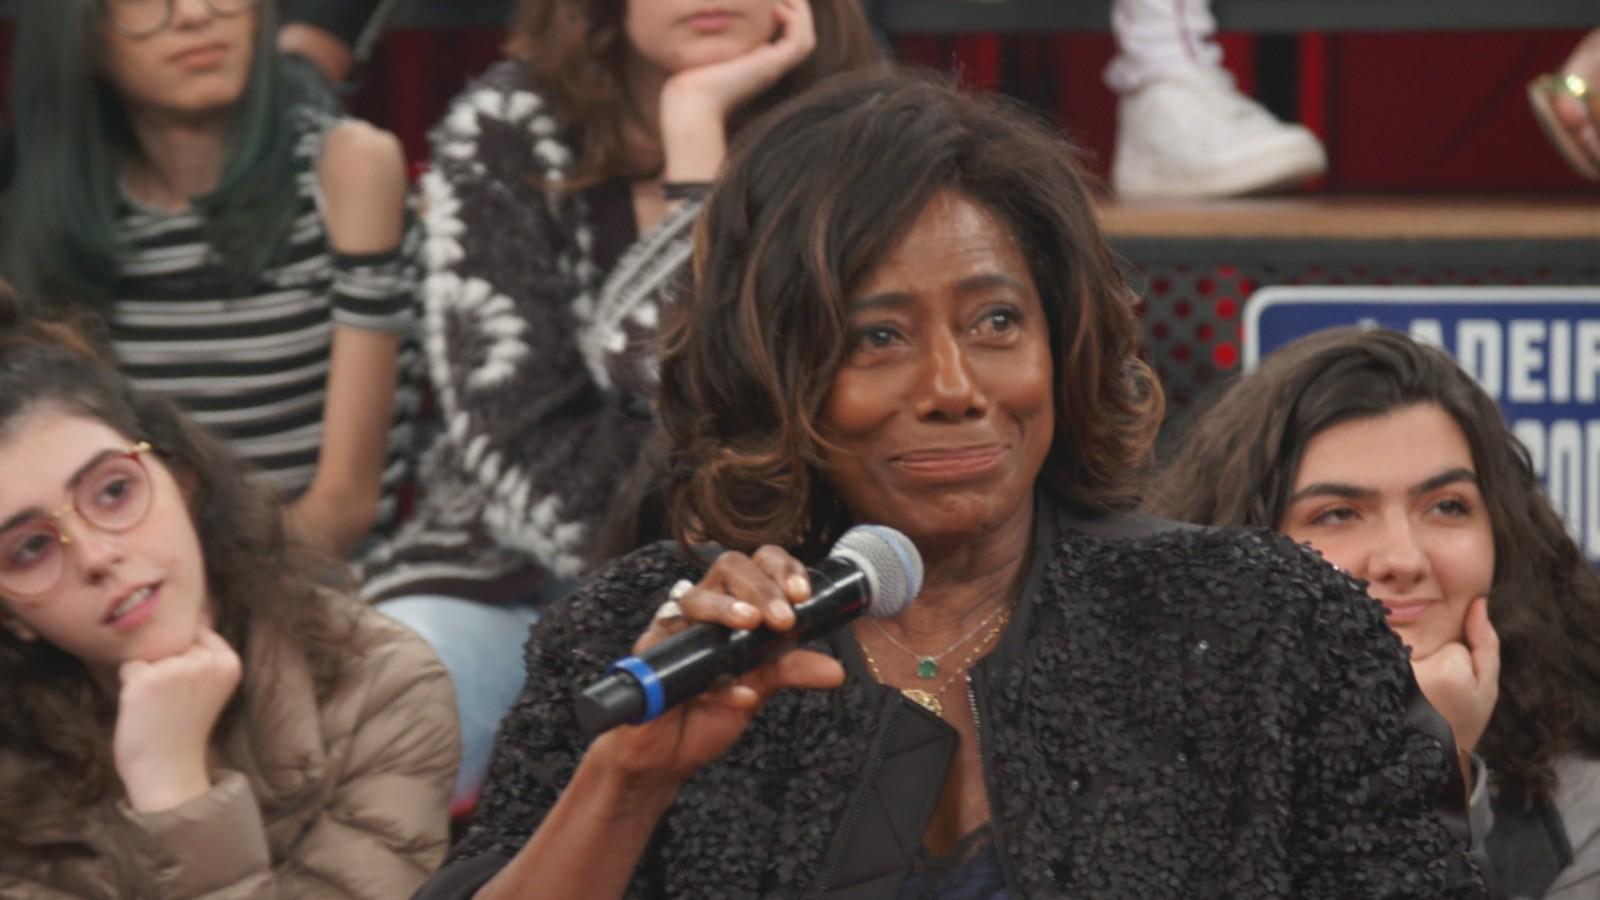 Gloria Maria durante o programa Altas Horas, revelou que quer ir à Lua (Foto: Reproduções)